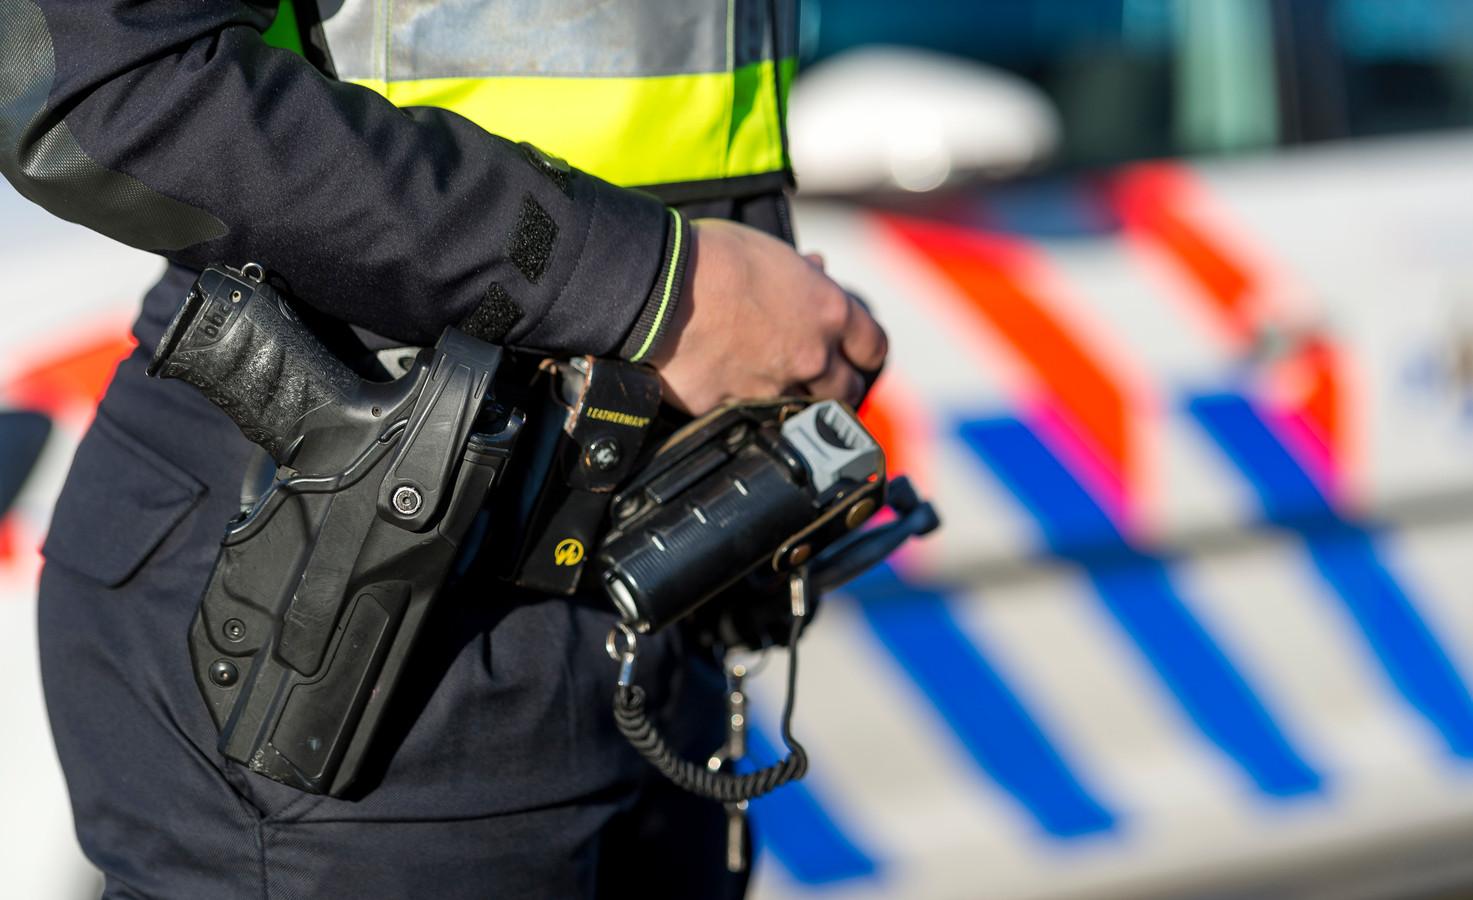 Vuurwapengebruik door politiemensen waarbij iemand om het leven komt of letsel oploopt, wordt als regel onderzocht door de Rijksrecherche.